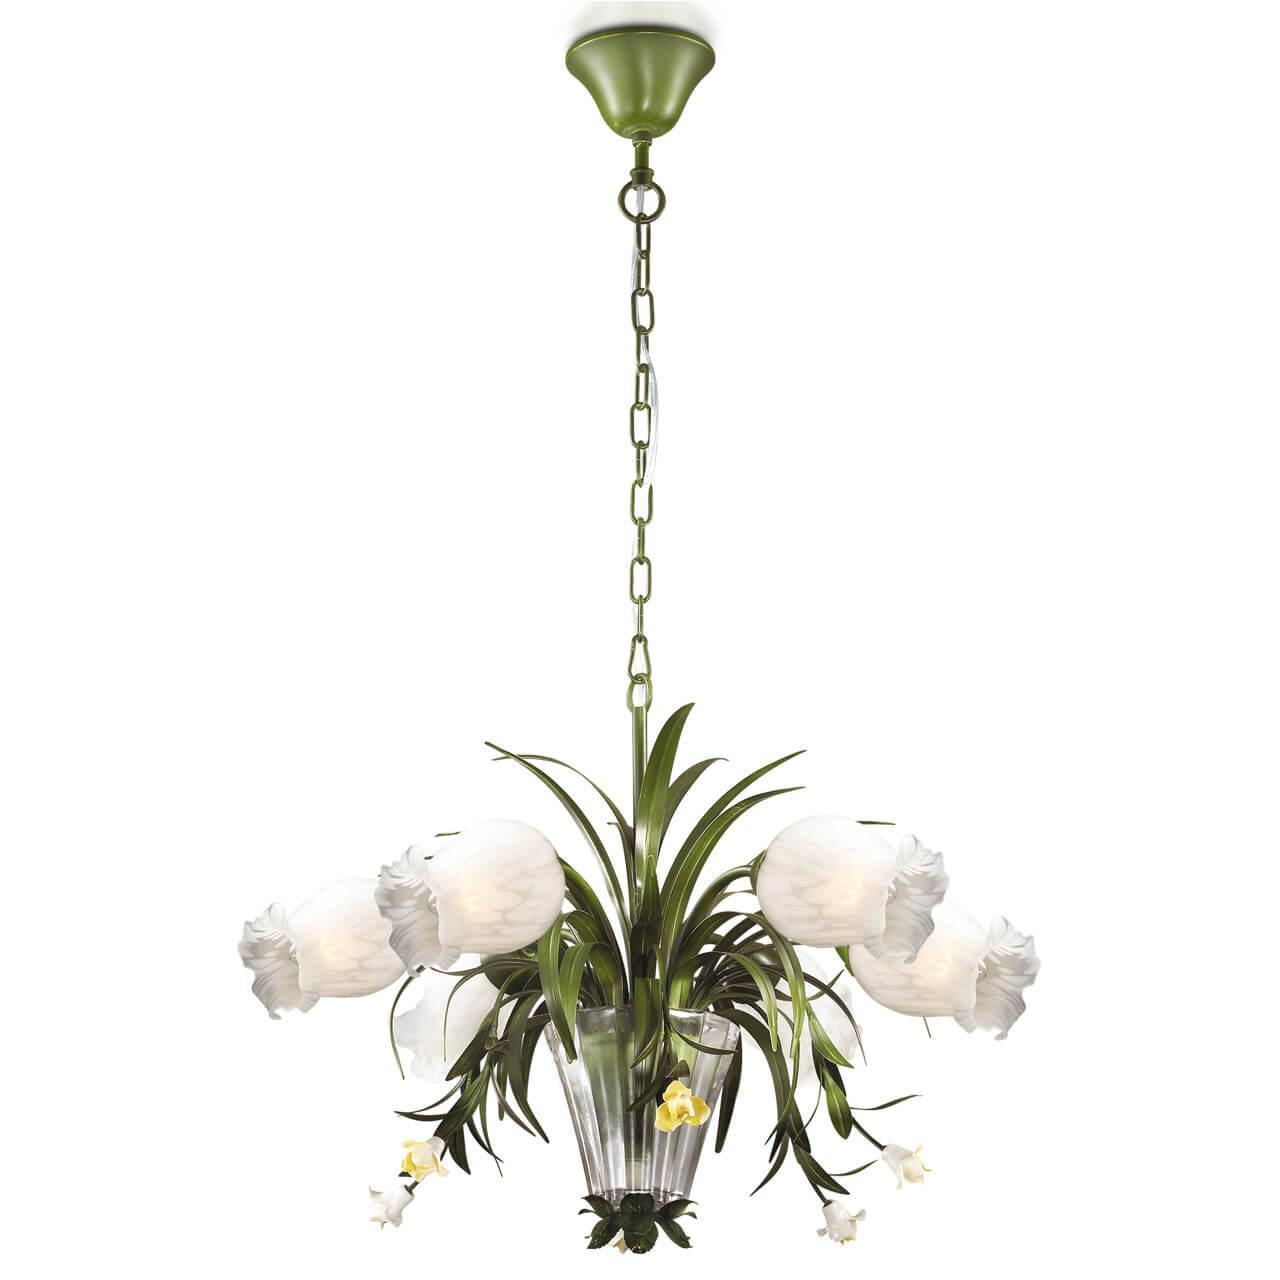 Подвесной светильник Odeon Light 2652/6, E14, 40 Вт merida matts 6 40 d 2017